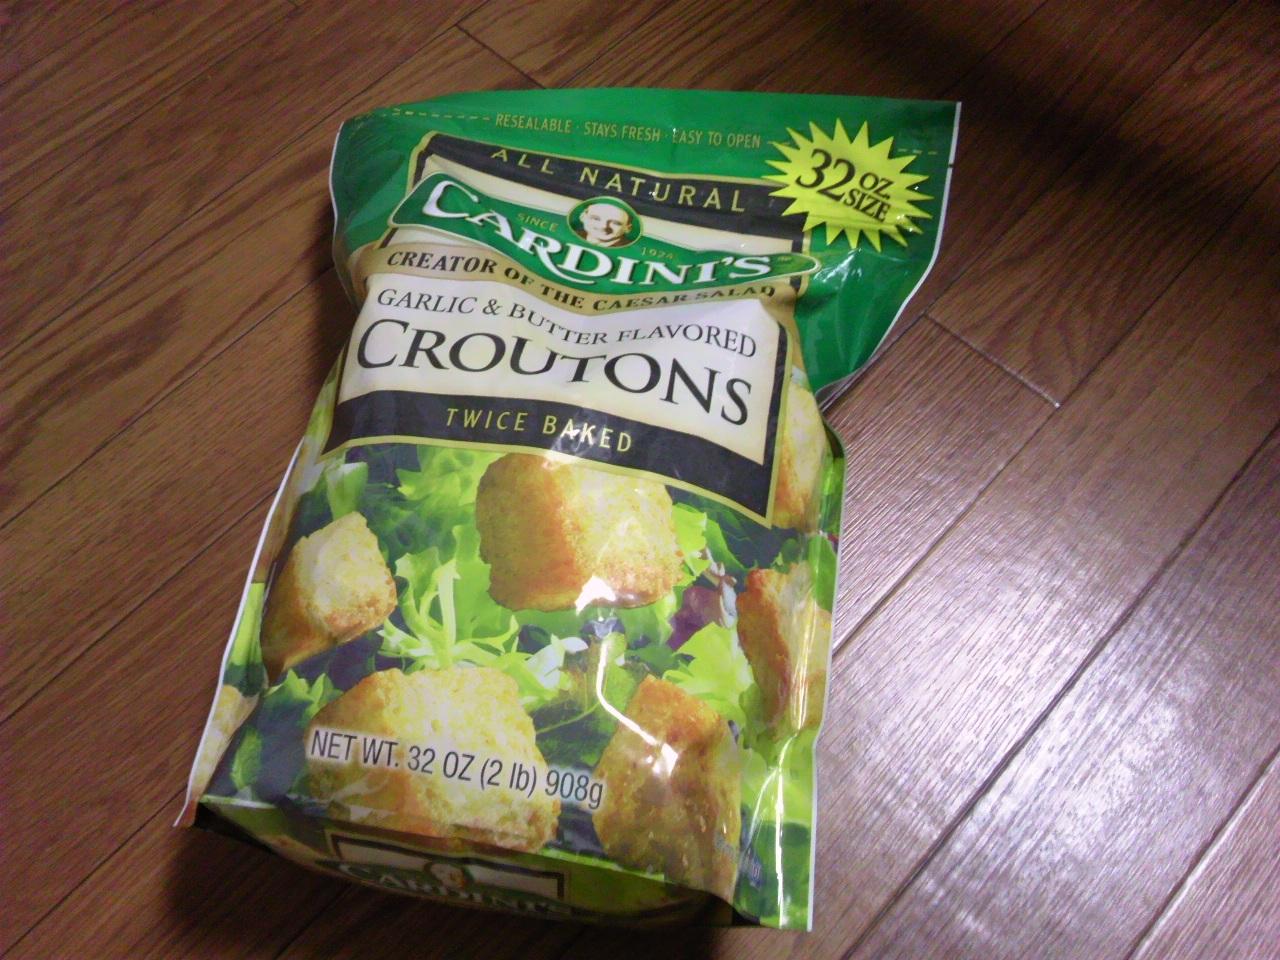 コストコ神戸店の収穫物とアウトレット